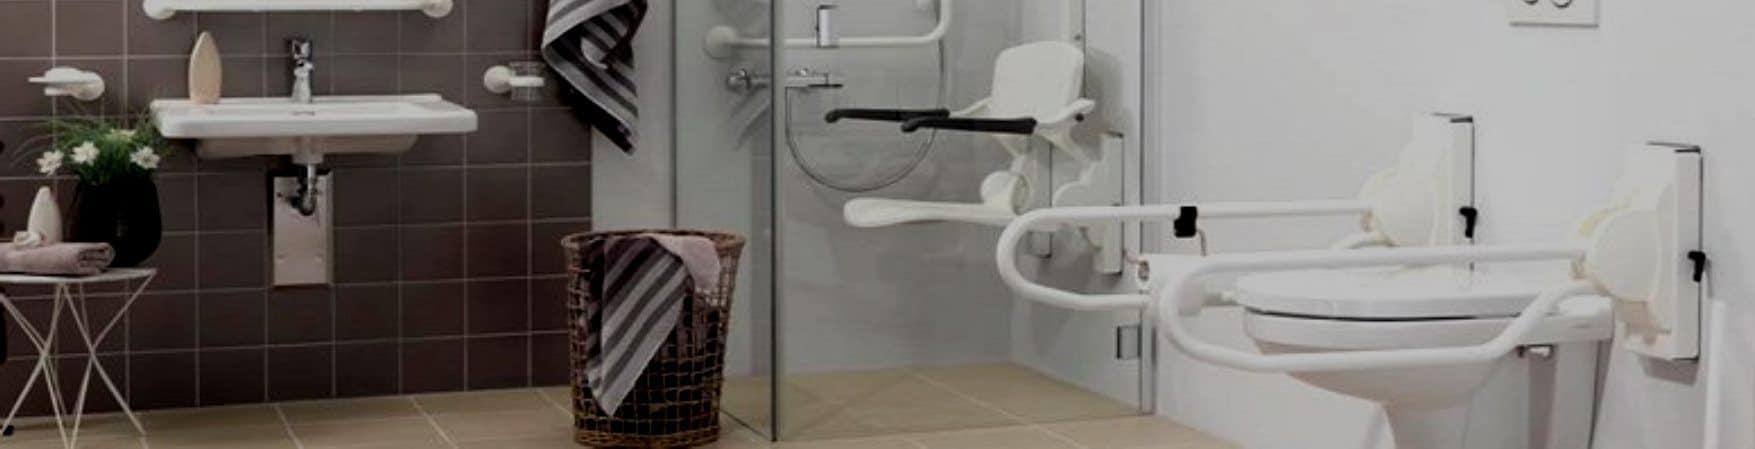 Remodelações de casas de banho mobilidade reduzida